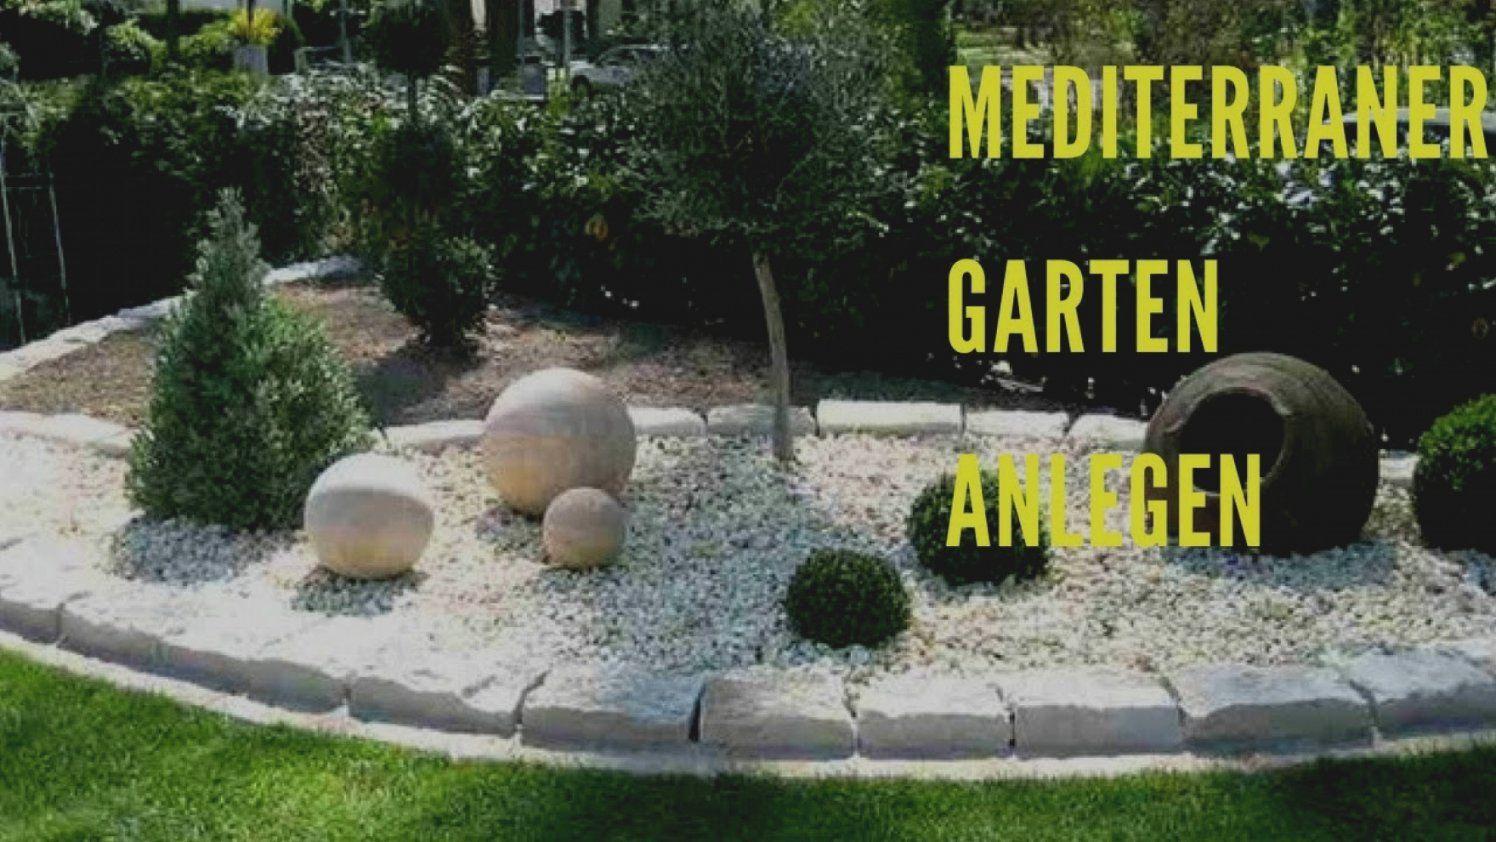 Neuesten Garten Gestalten Mediterran Mediterraner Anlegen Youtube von Garten Mediterran Gestalten Bilder Photo